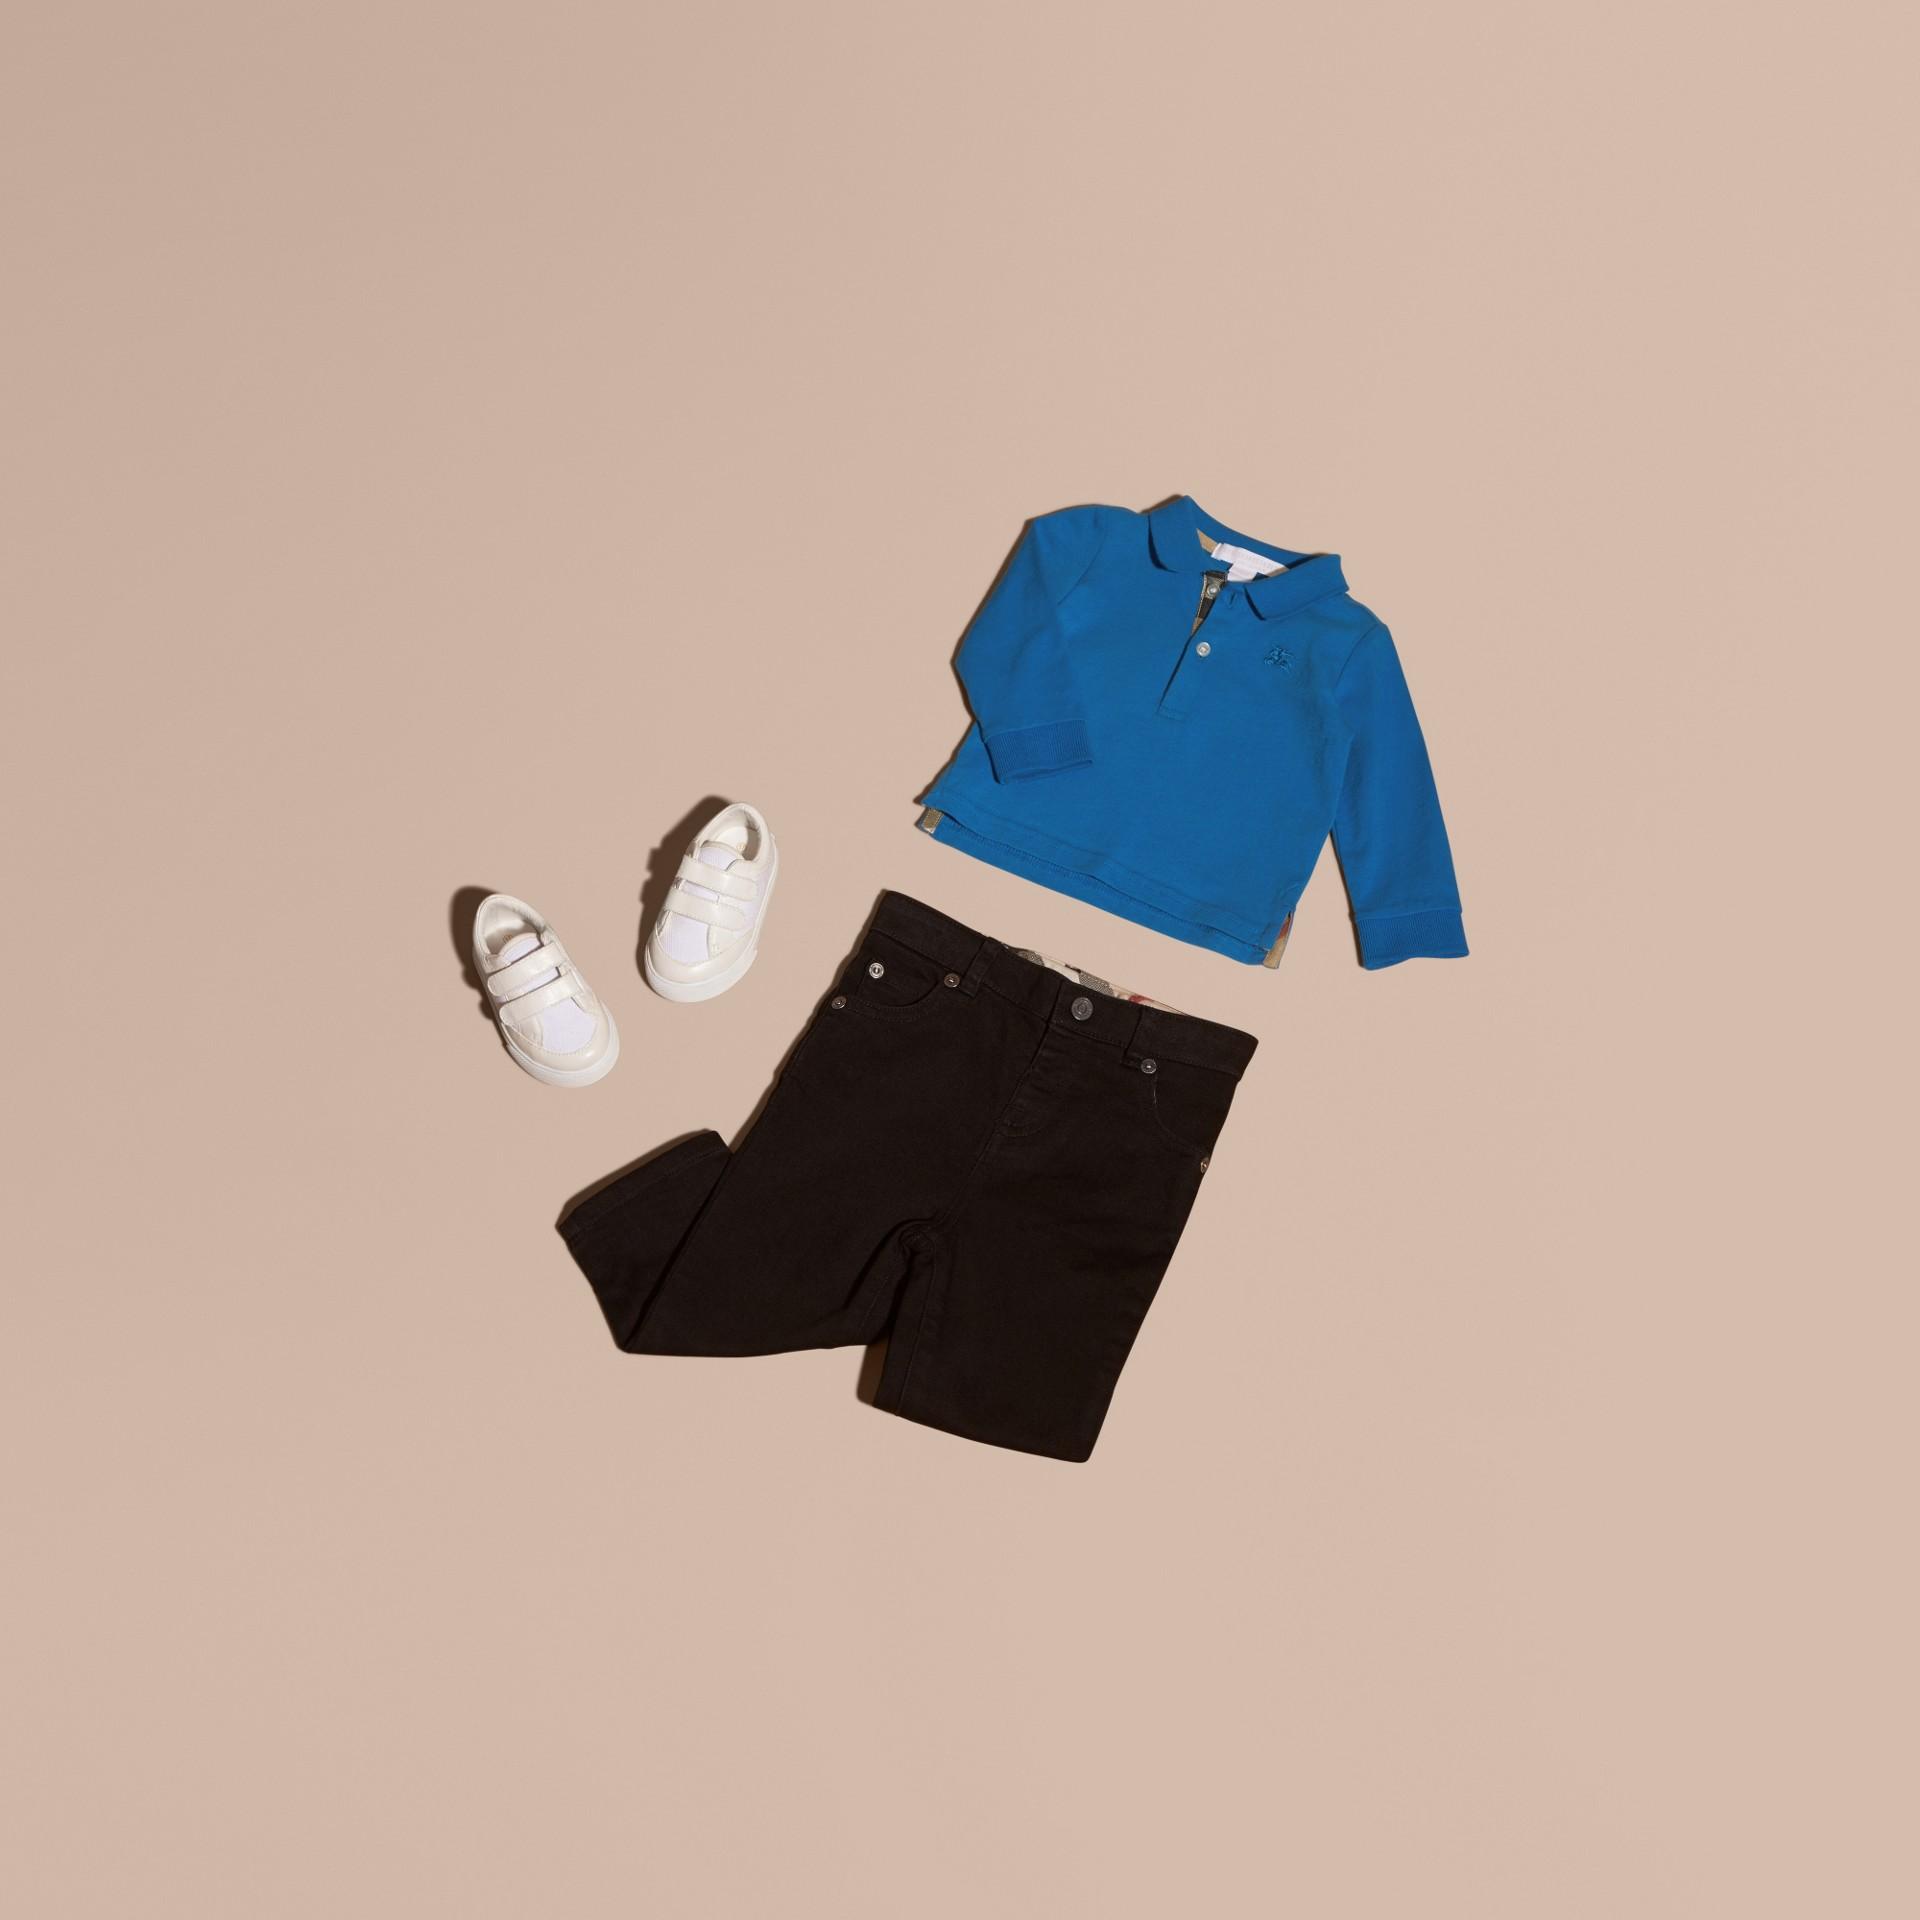 브라이트 오팔 체크 트리밍 롱 슬리브 코튼 폴로 셔츠 브라이트 오팔 - 갤러리 이미지 5